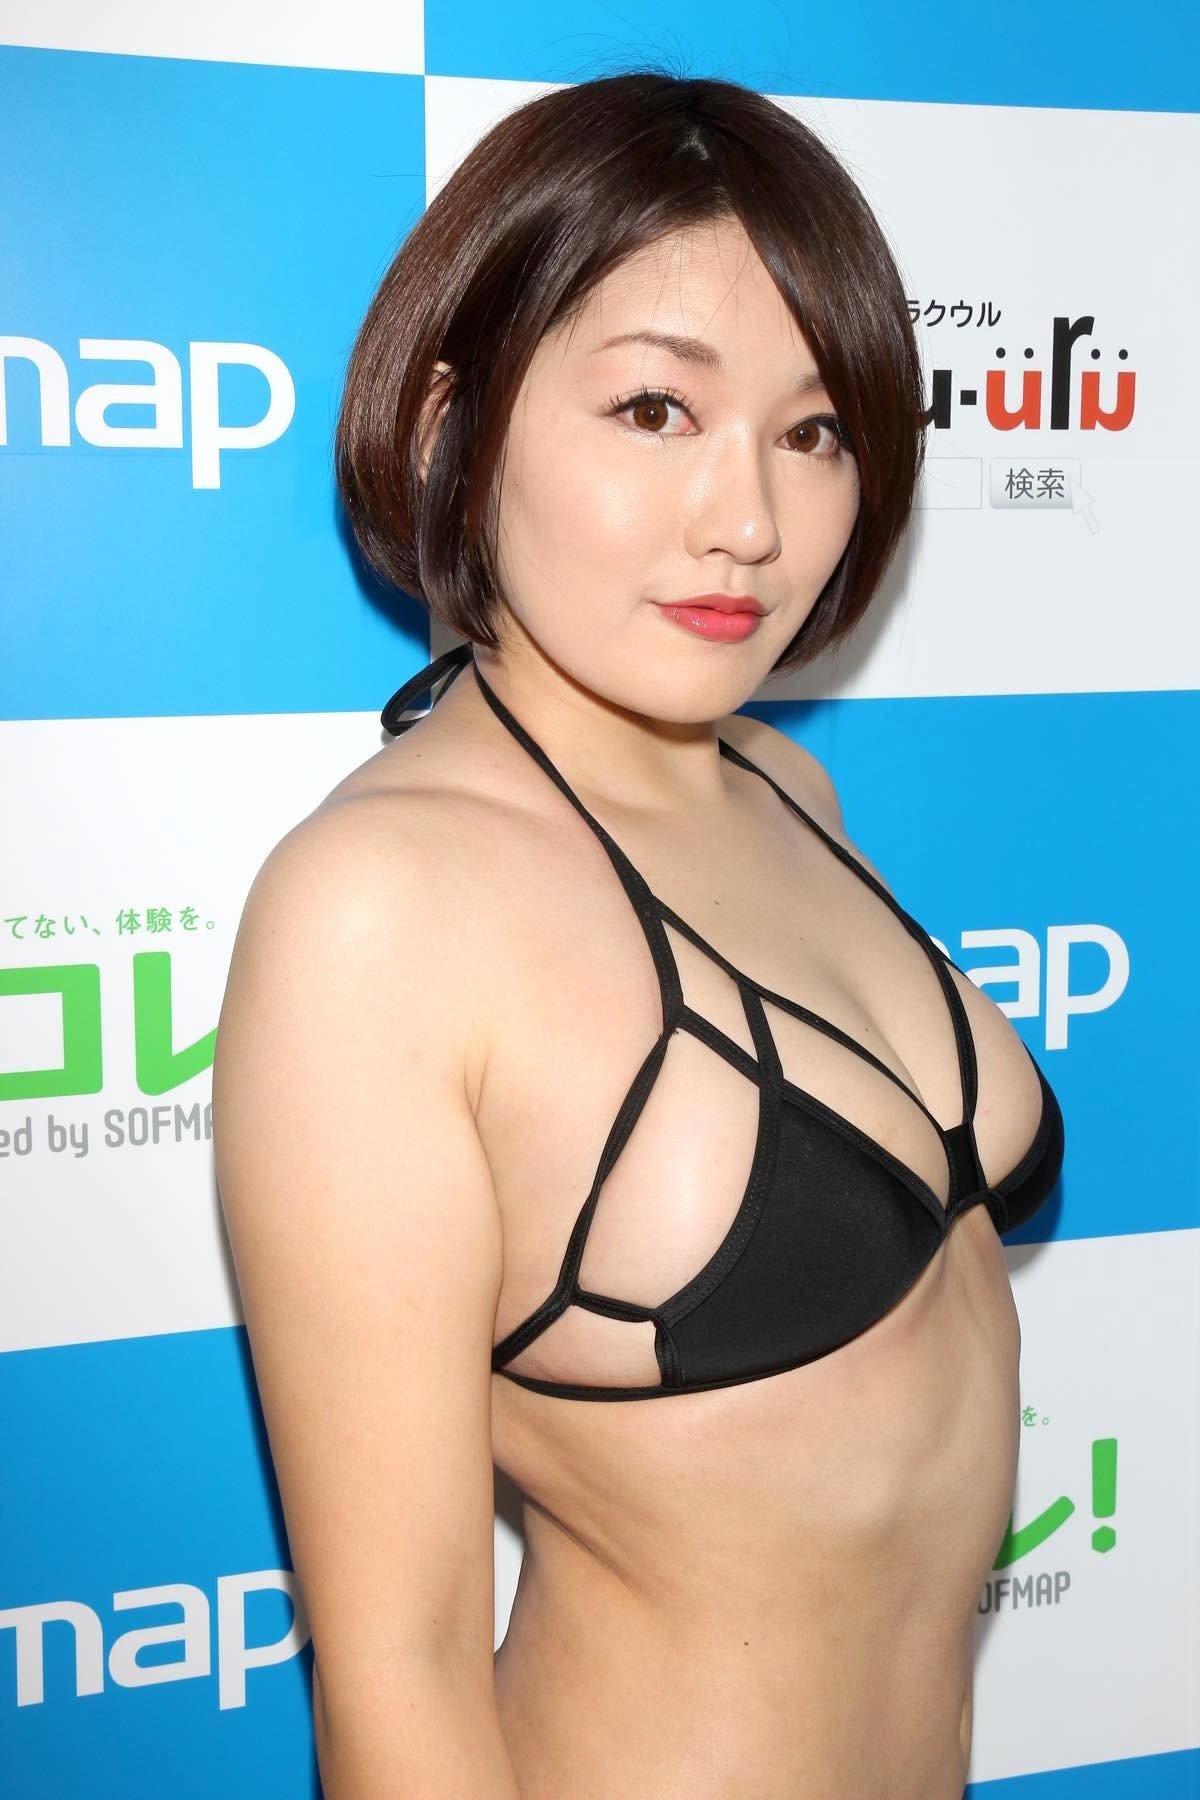 多田あさみ「赤い下着でイチャイチャ」お風呂で洗いっこにも挑戦!【画像39枚】の画像015